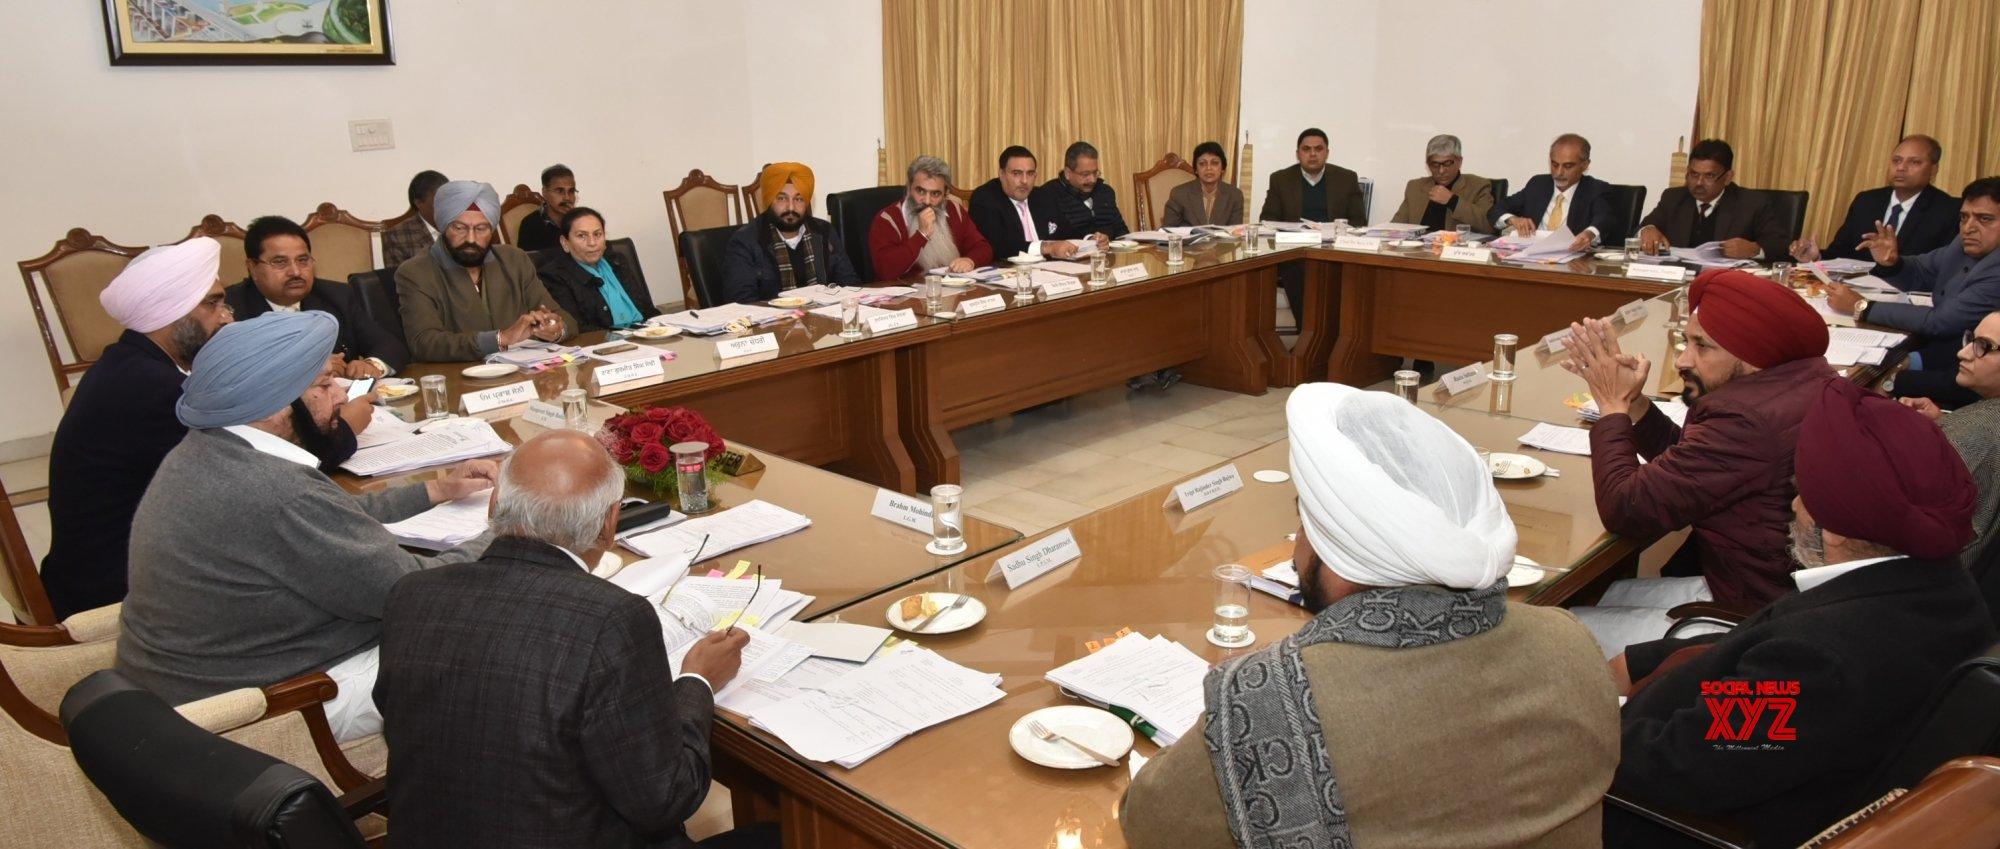 Chandigarh: Cabinet meeting - Amarinder Singh #Gallery